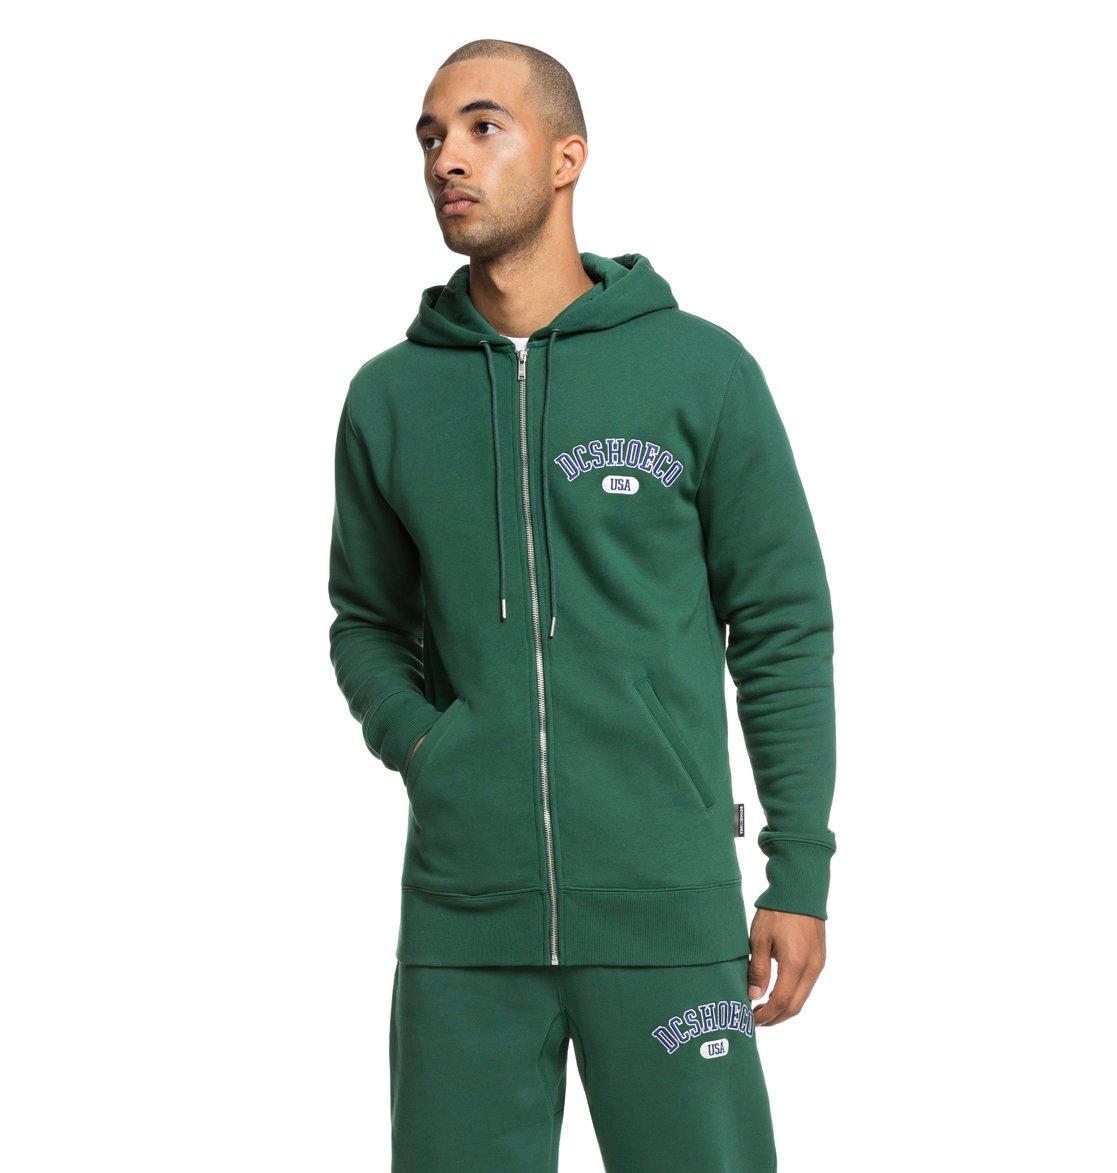 729f58d6dea64 Glenridge - Sweat à capuche zippé pour Homme